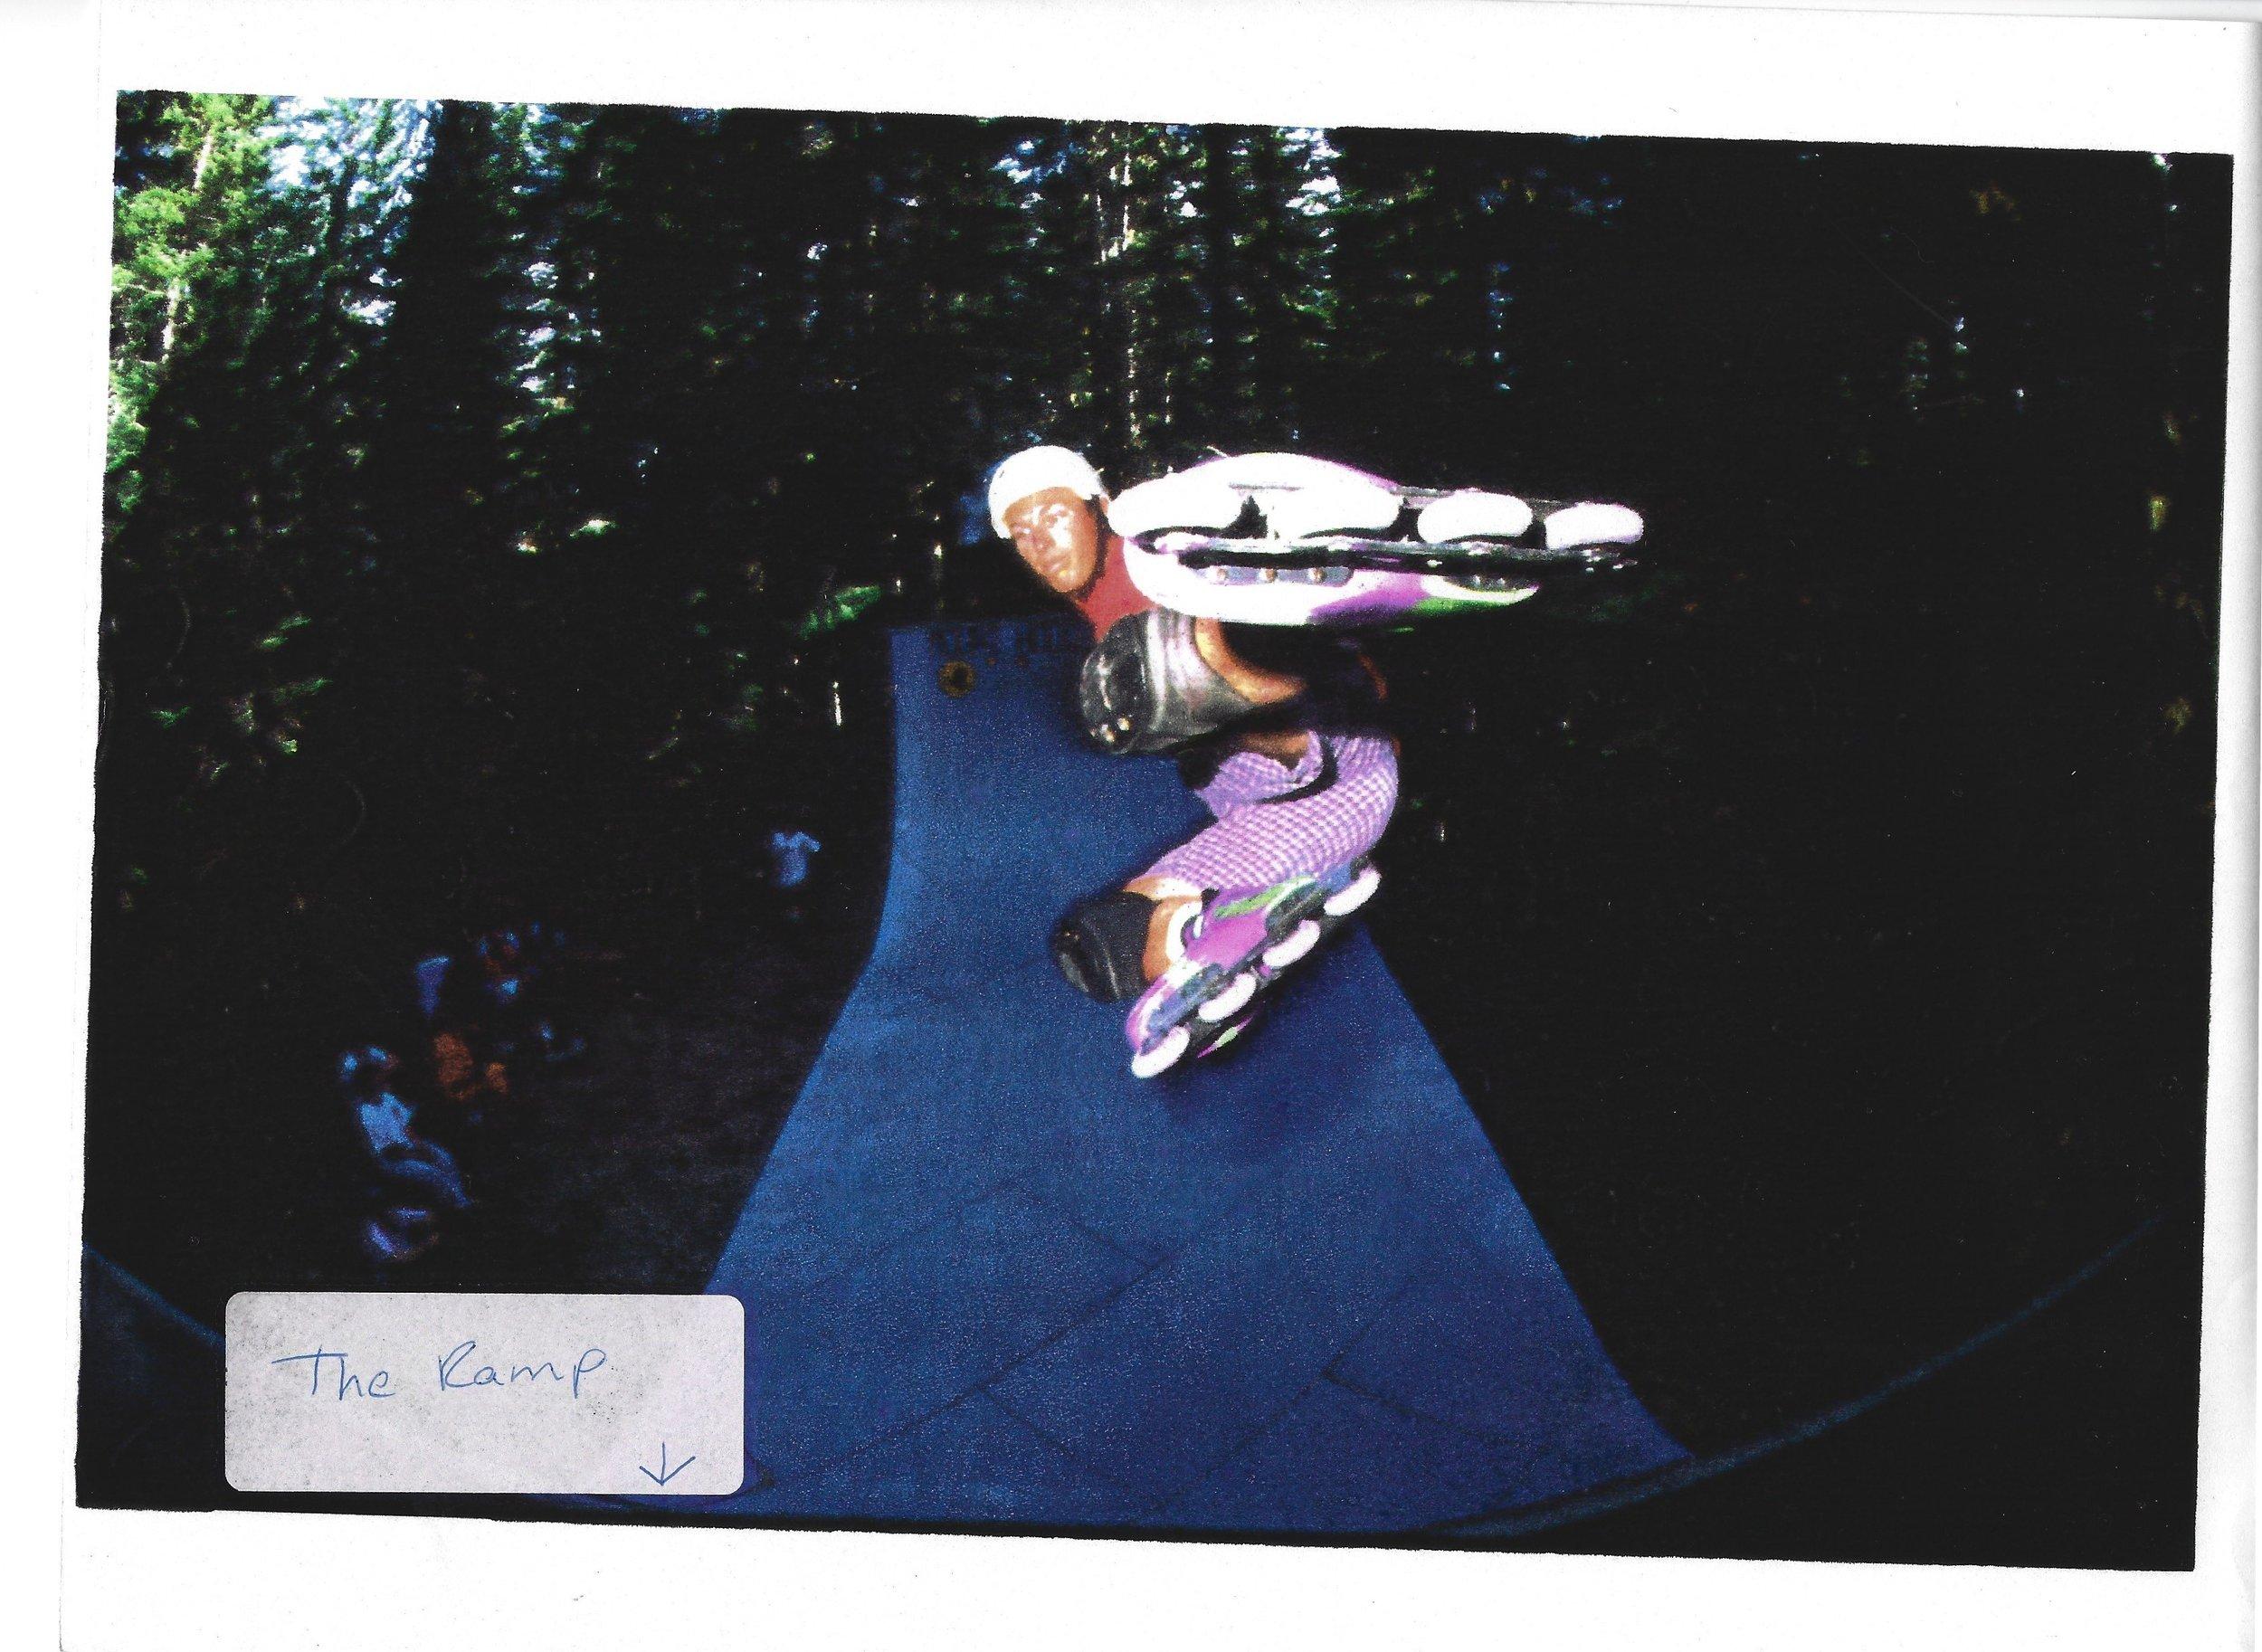 MHSC-  16 foot vert ramp- Charles Arnell.jpg